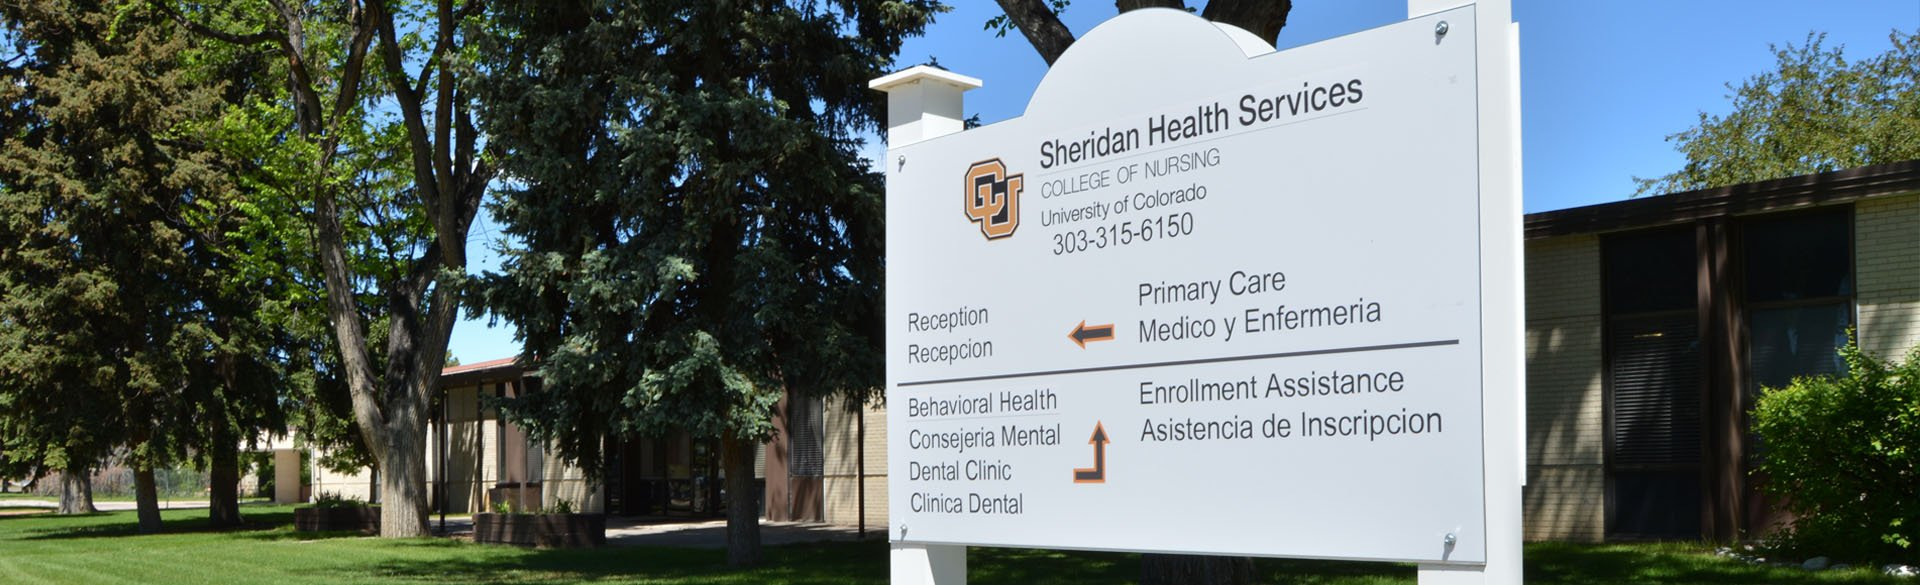 Sheridan Health Services, Sheridan Colorado